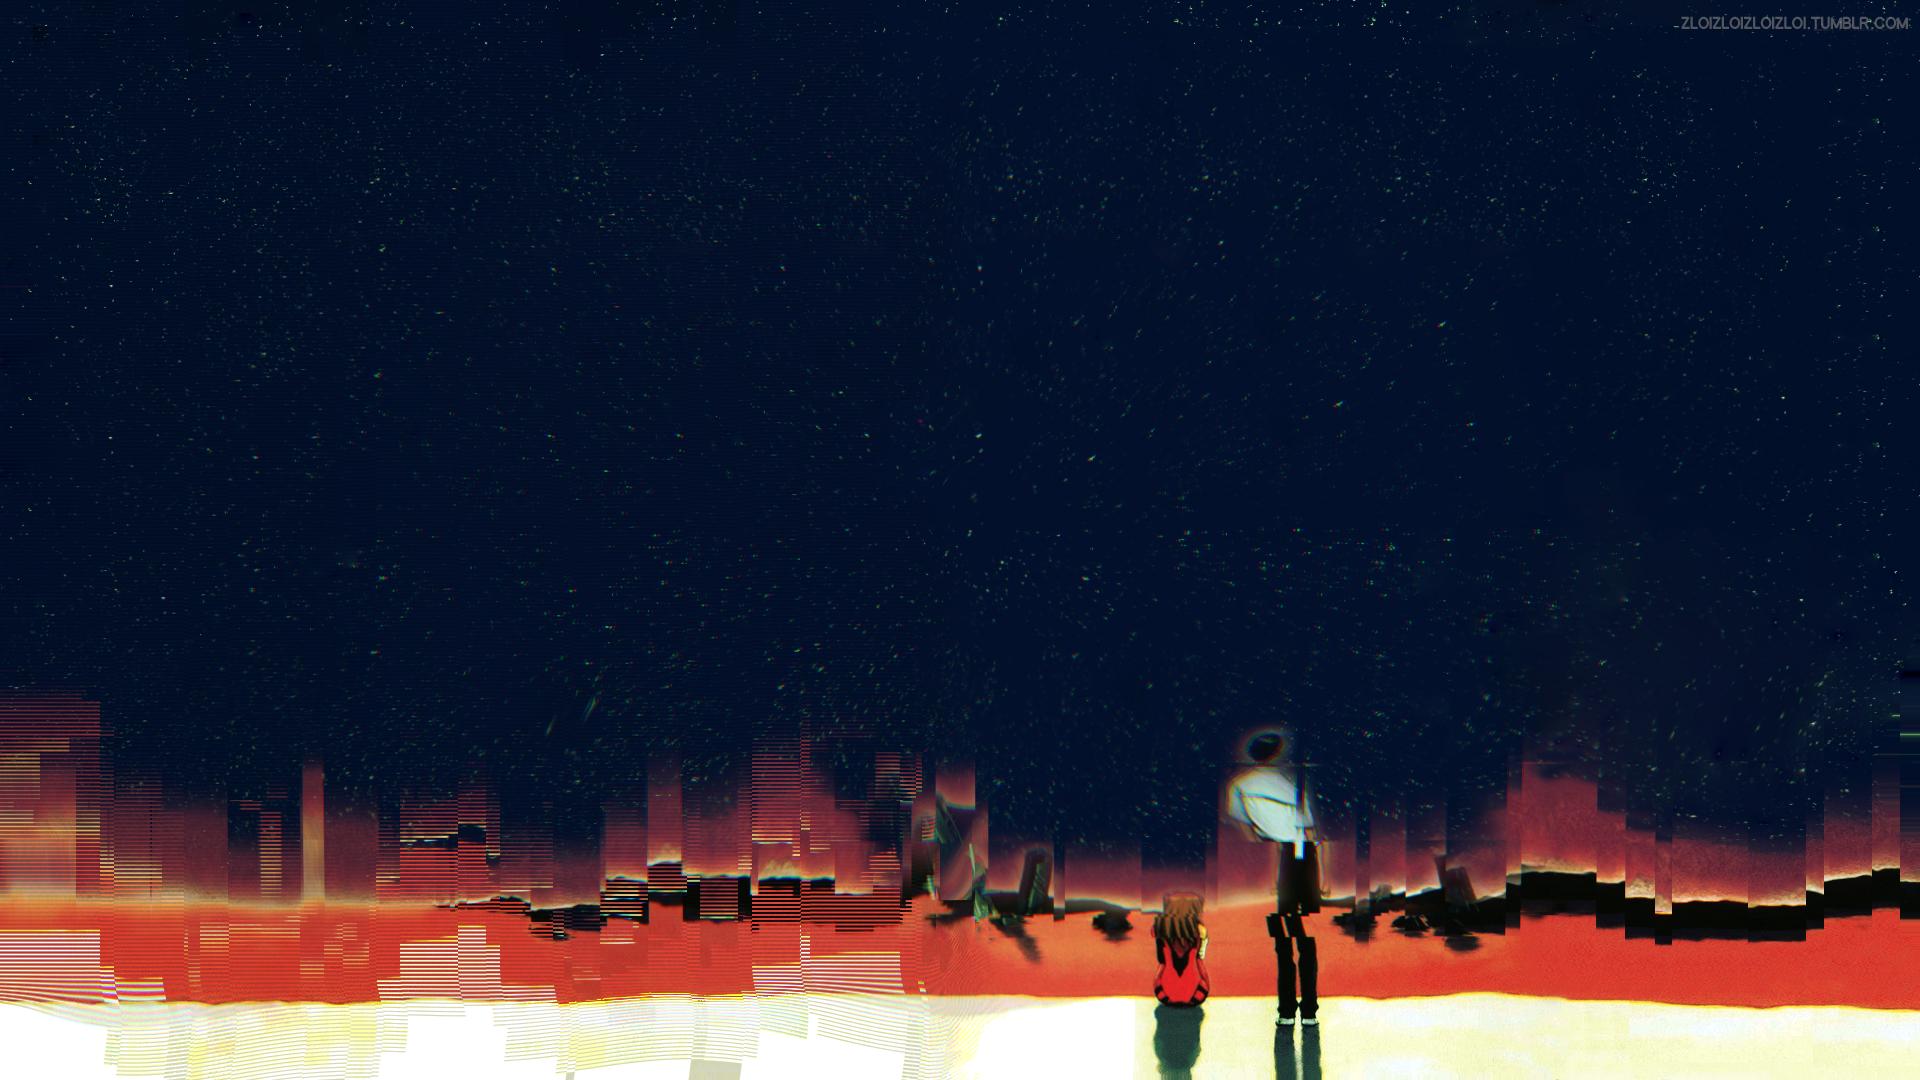 Anime 1920x1080 Glitch Art Abstract Neon Genesis Evangelion